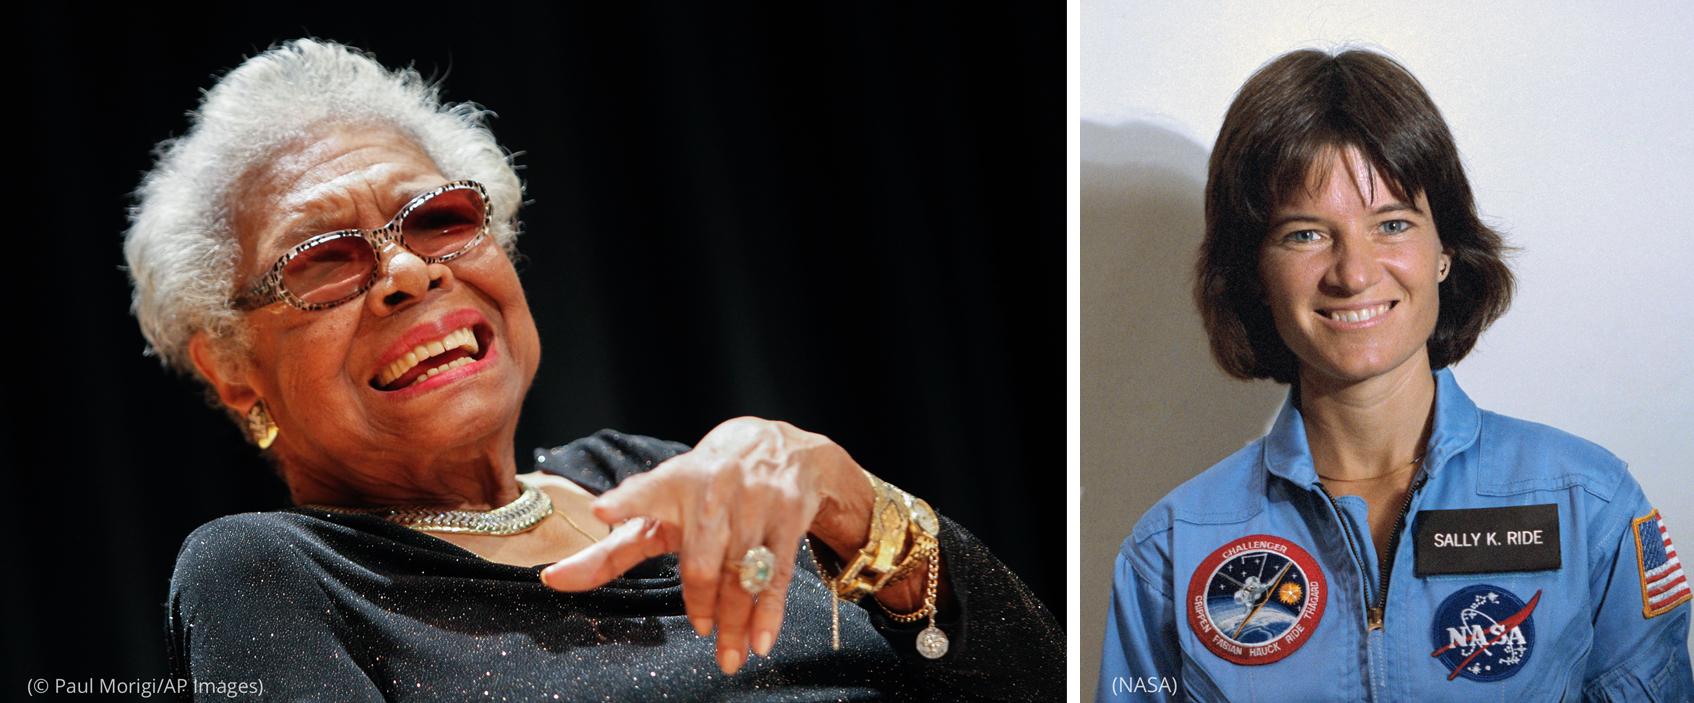 Composición fotográfica de Maya Angelou y Sally Ride sonrientes (© Paul Morigi/AP Images) (NASA)